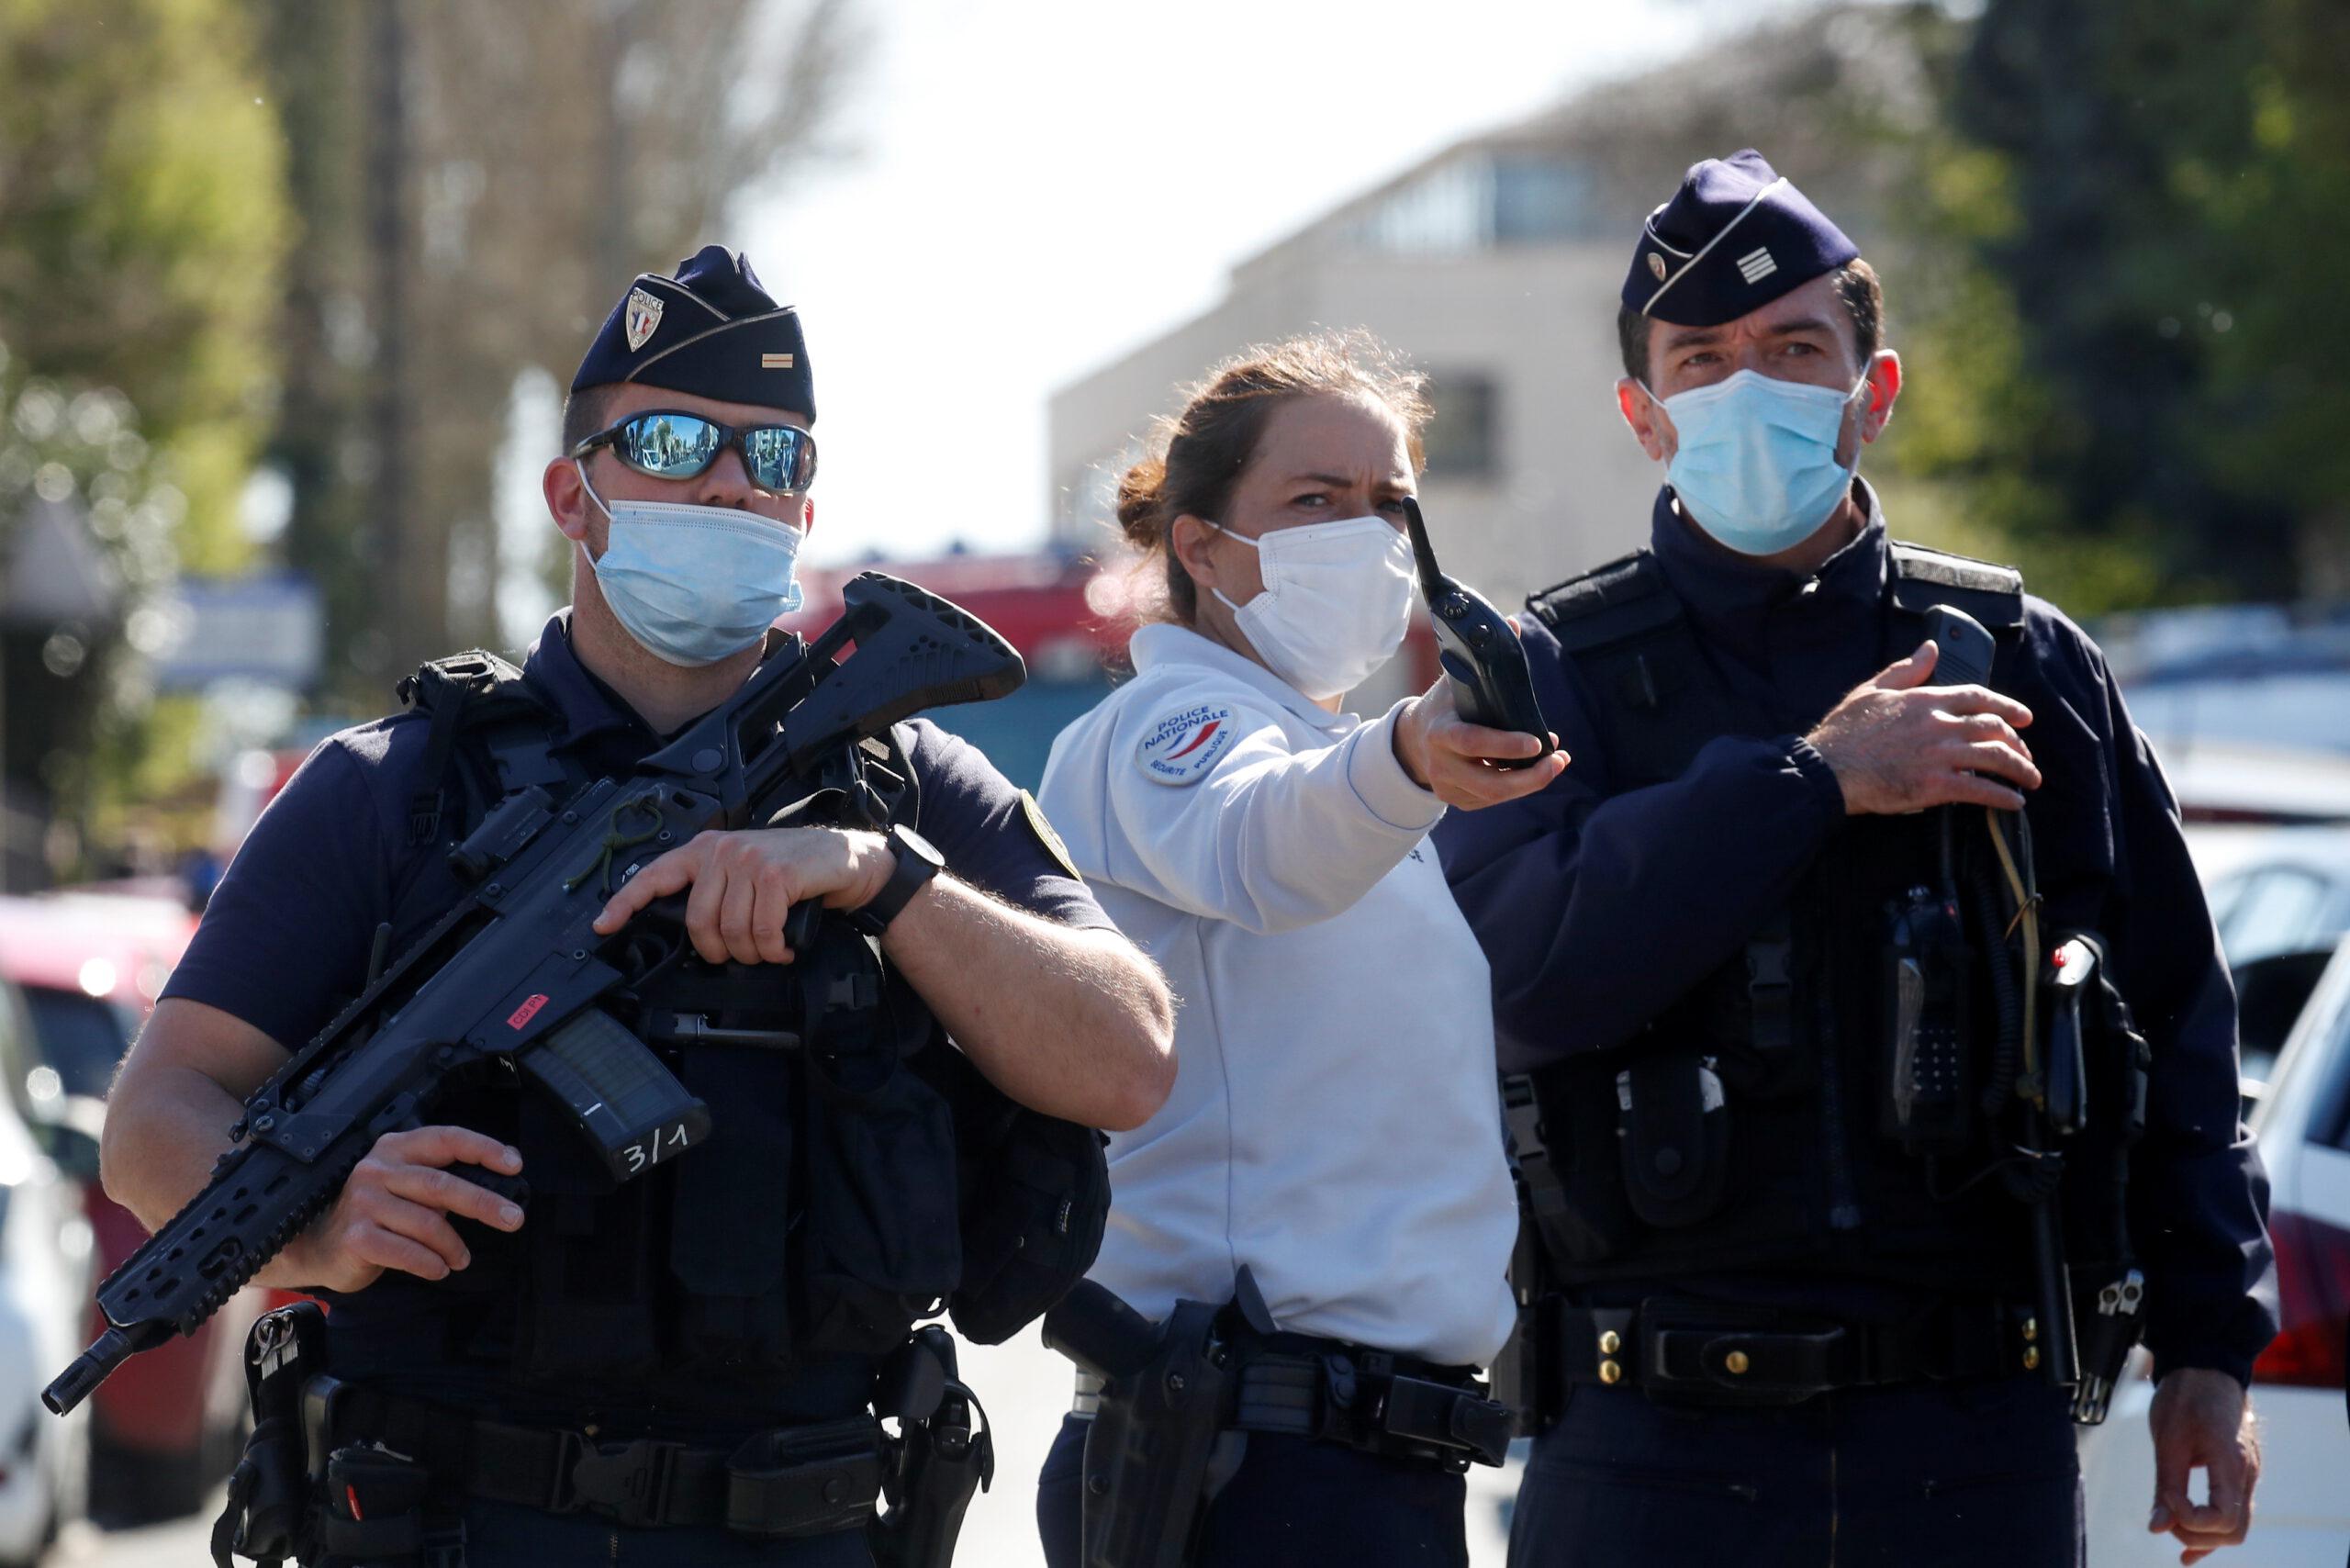 محاربة التطرف في فرنسا ـ استهداف الإسلام السياسي